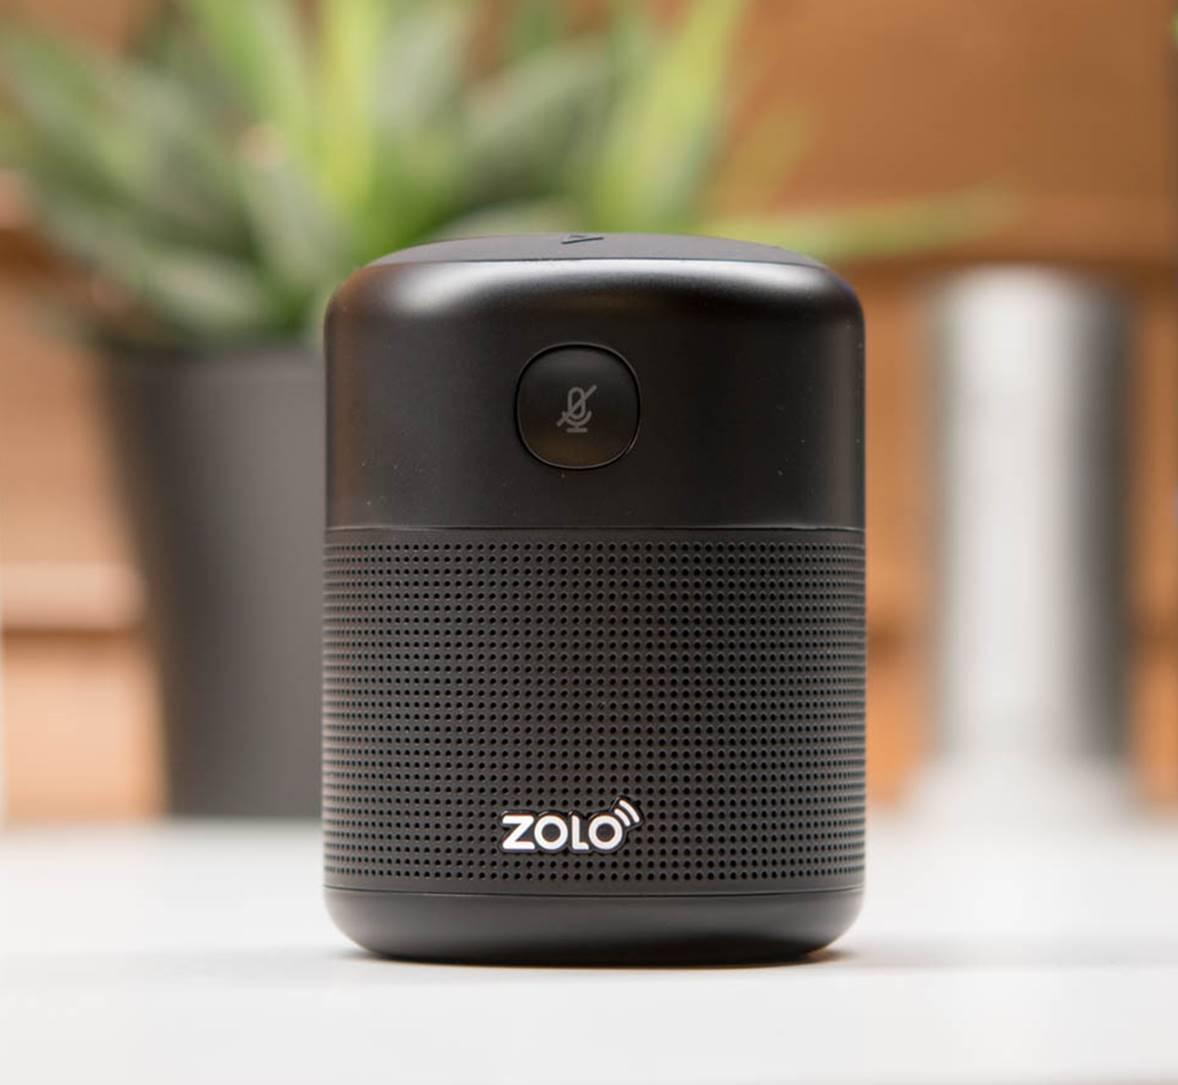 ZOLO Halo Smart Speaker